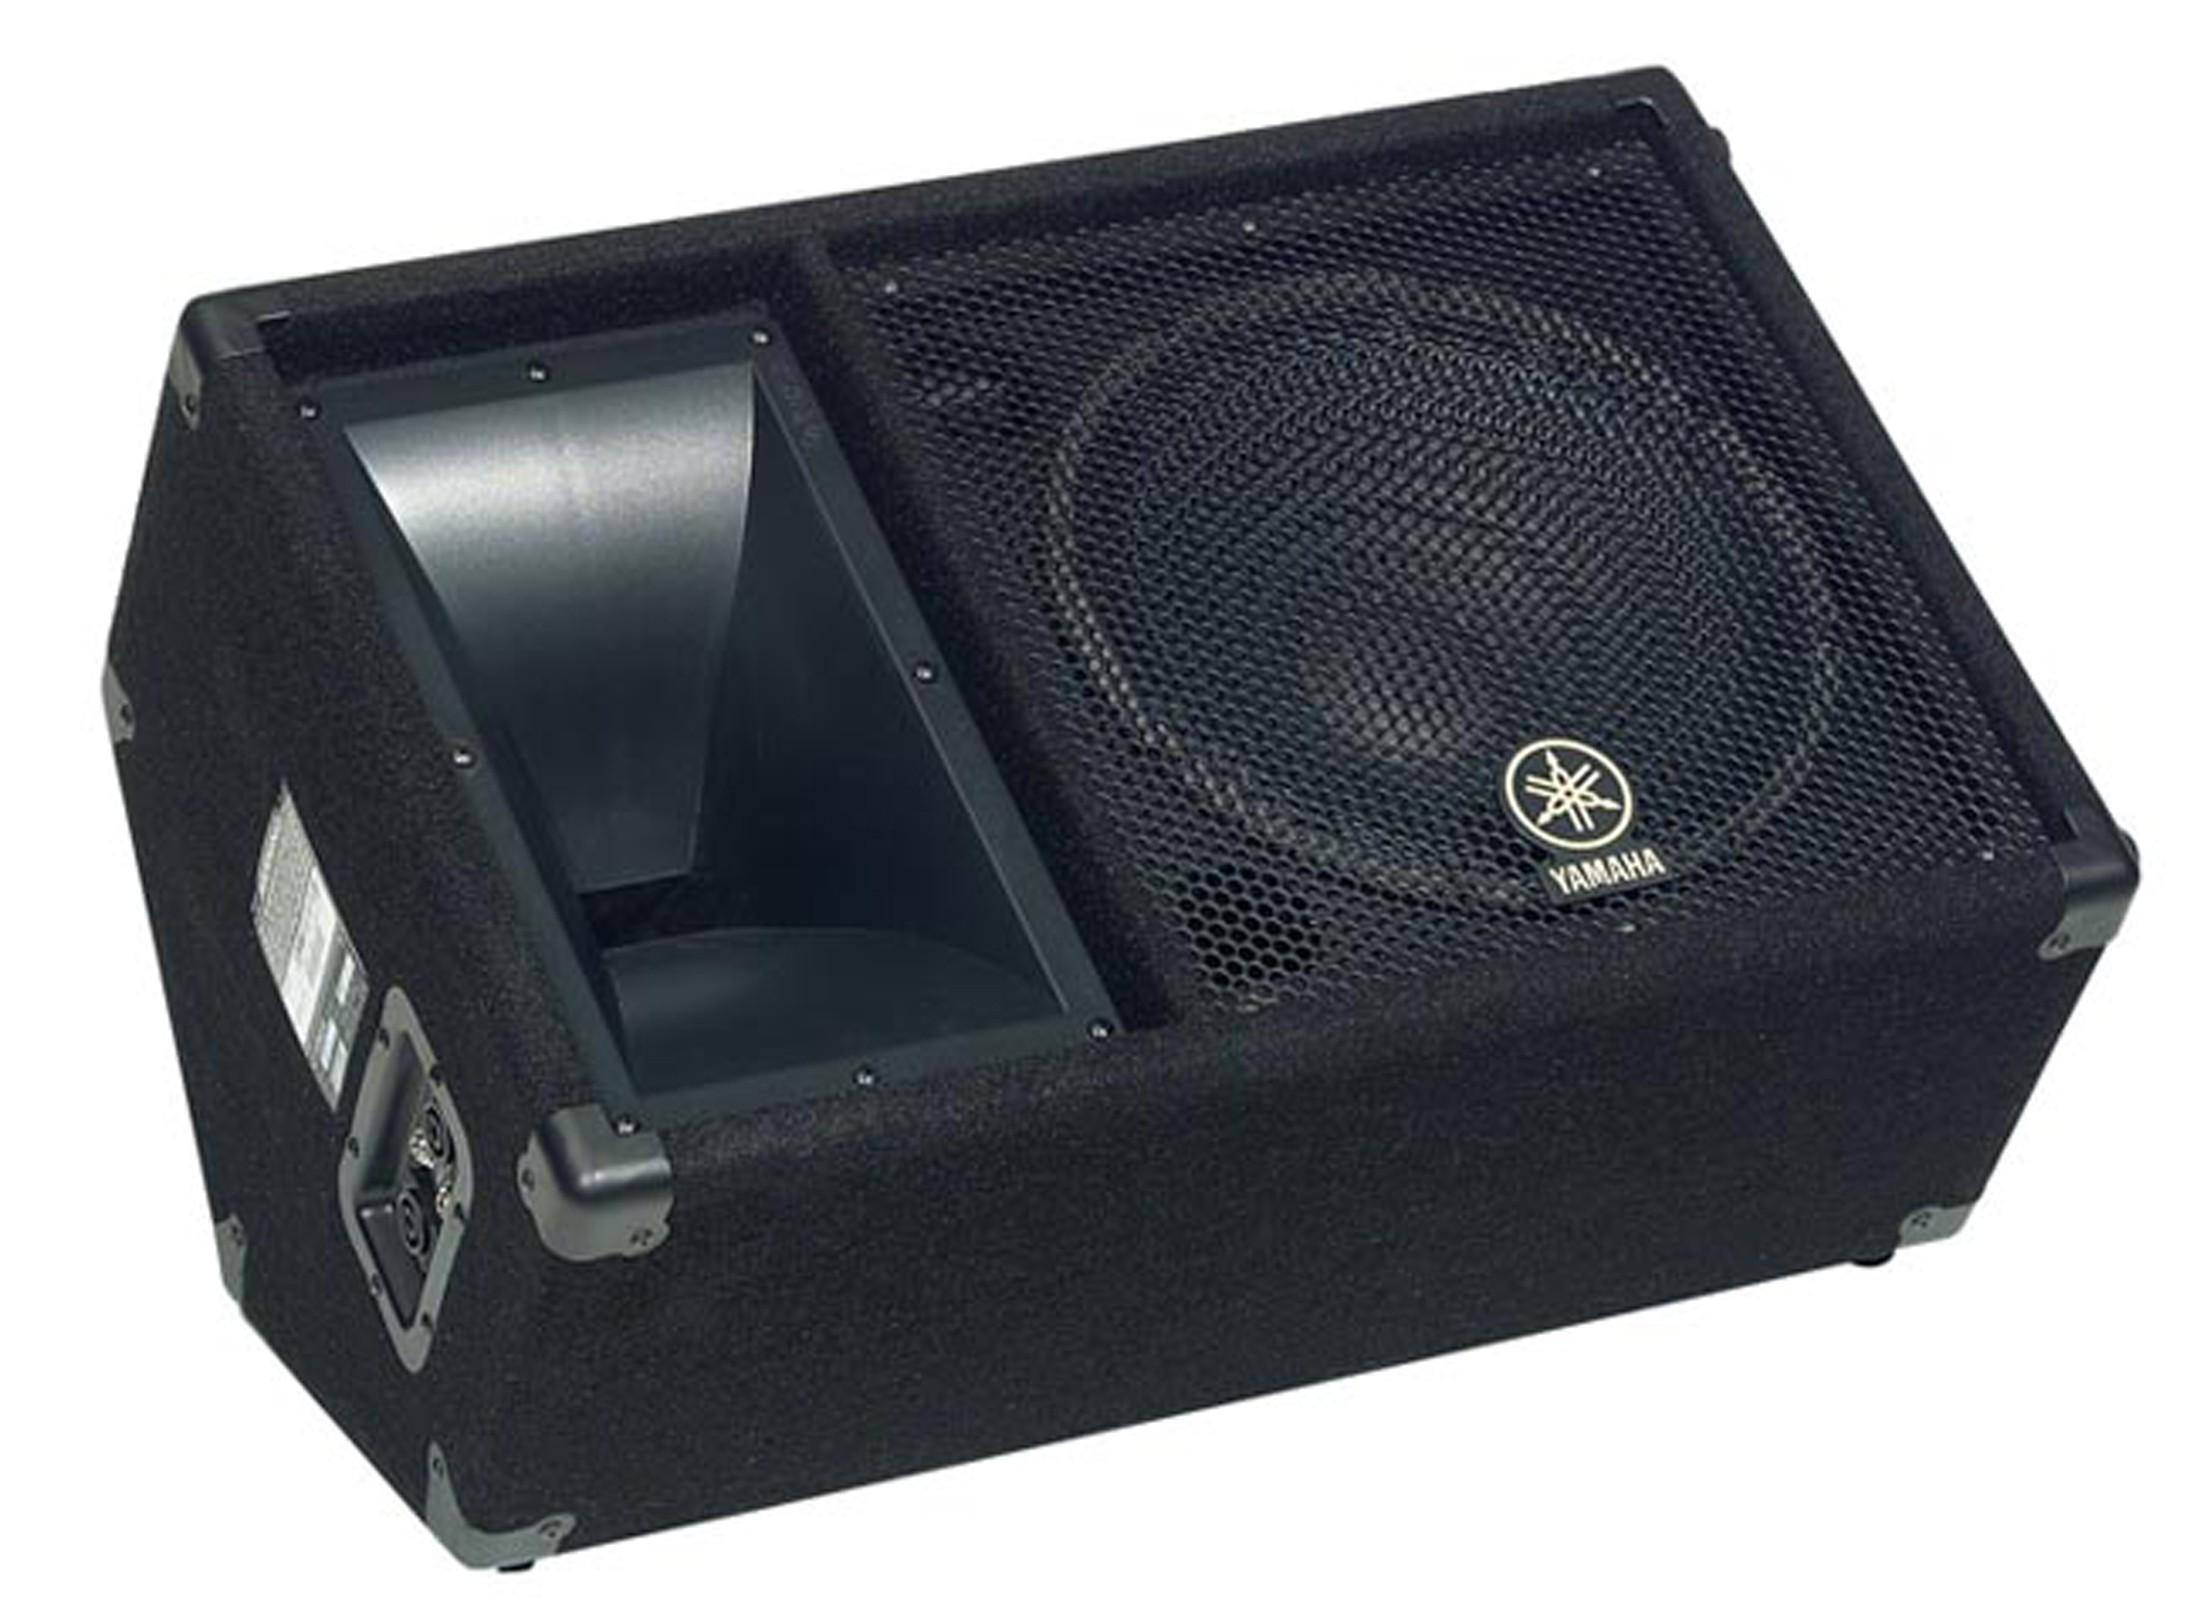 yamaha sm12v monitor speaker at huss light sound. Black Bedroom Furniture Sets. Home Design Ideas